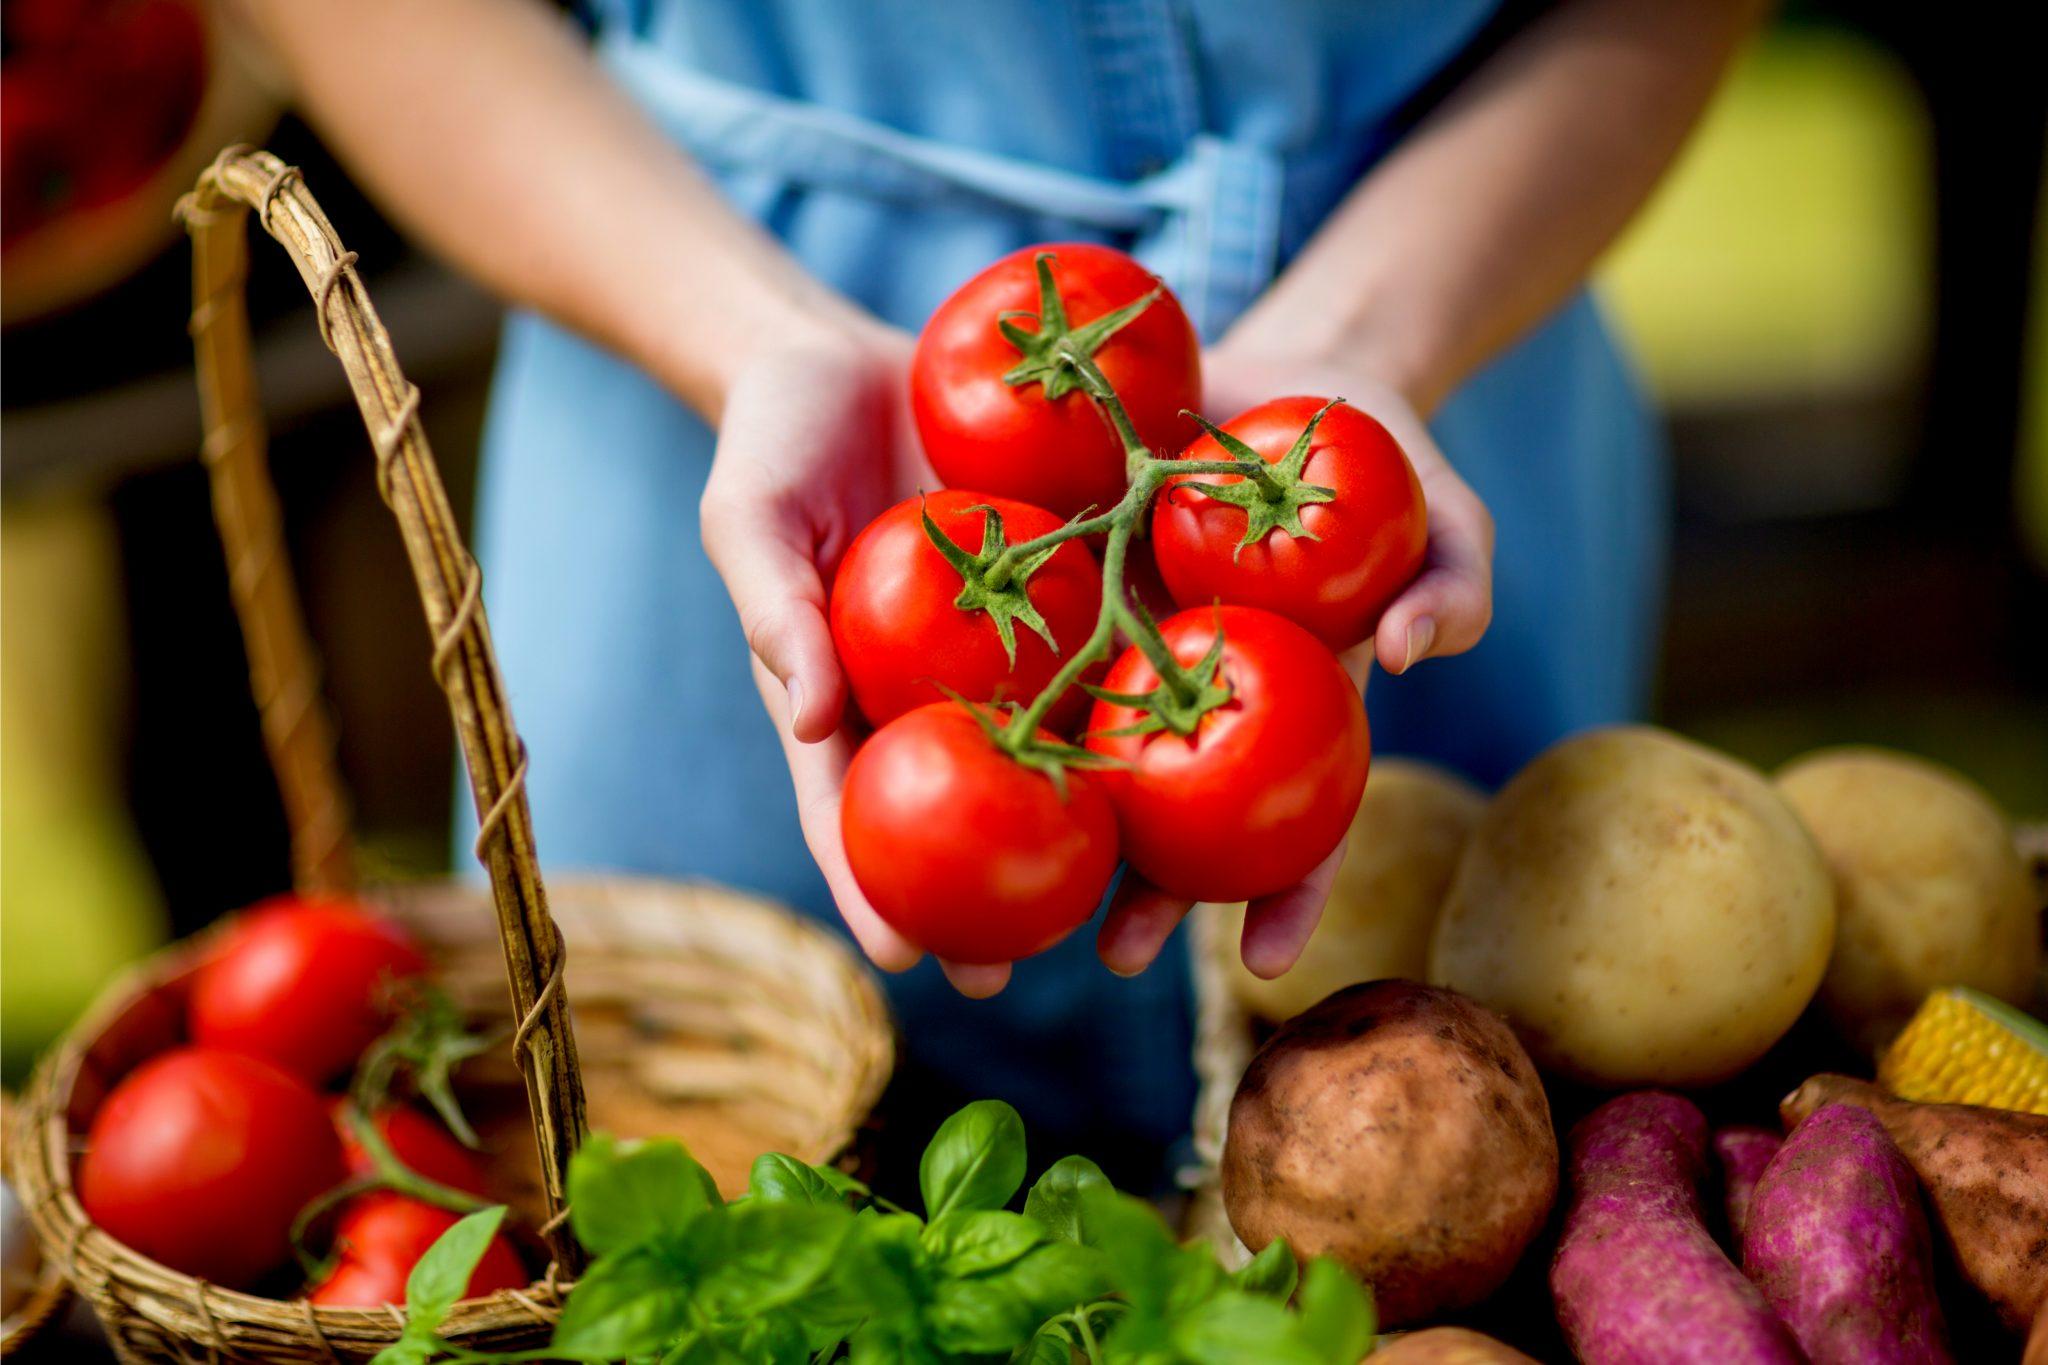 トマト料理を作り始めようとしている女性